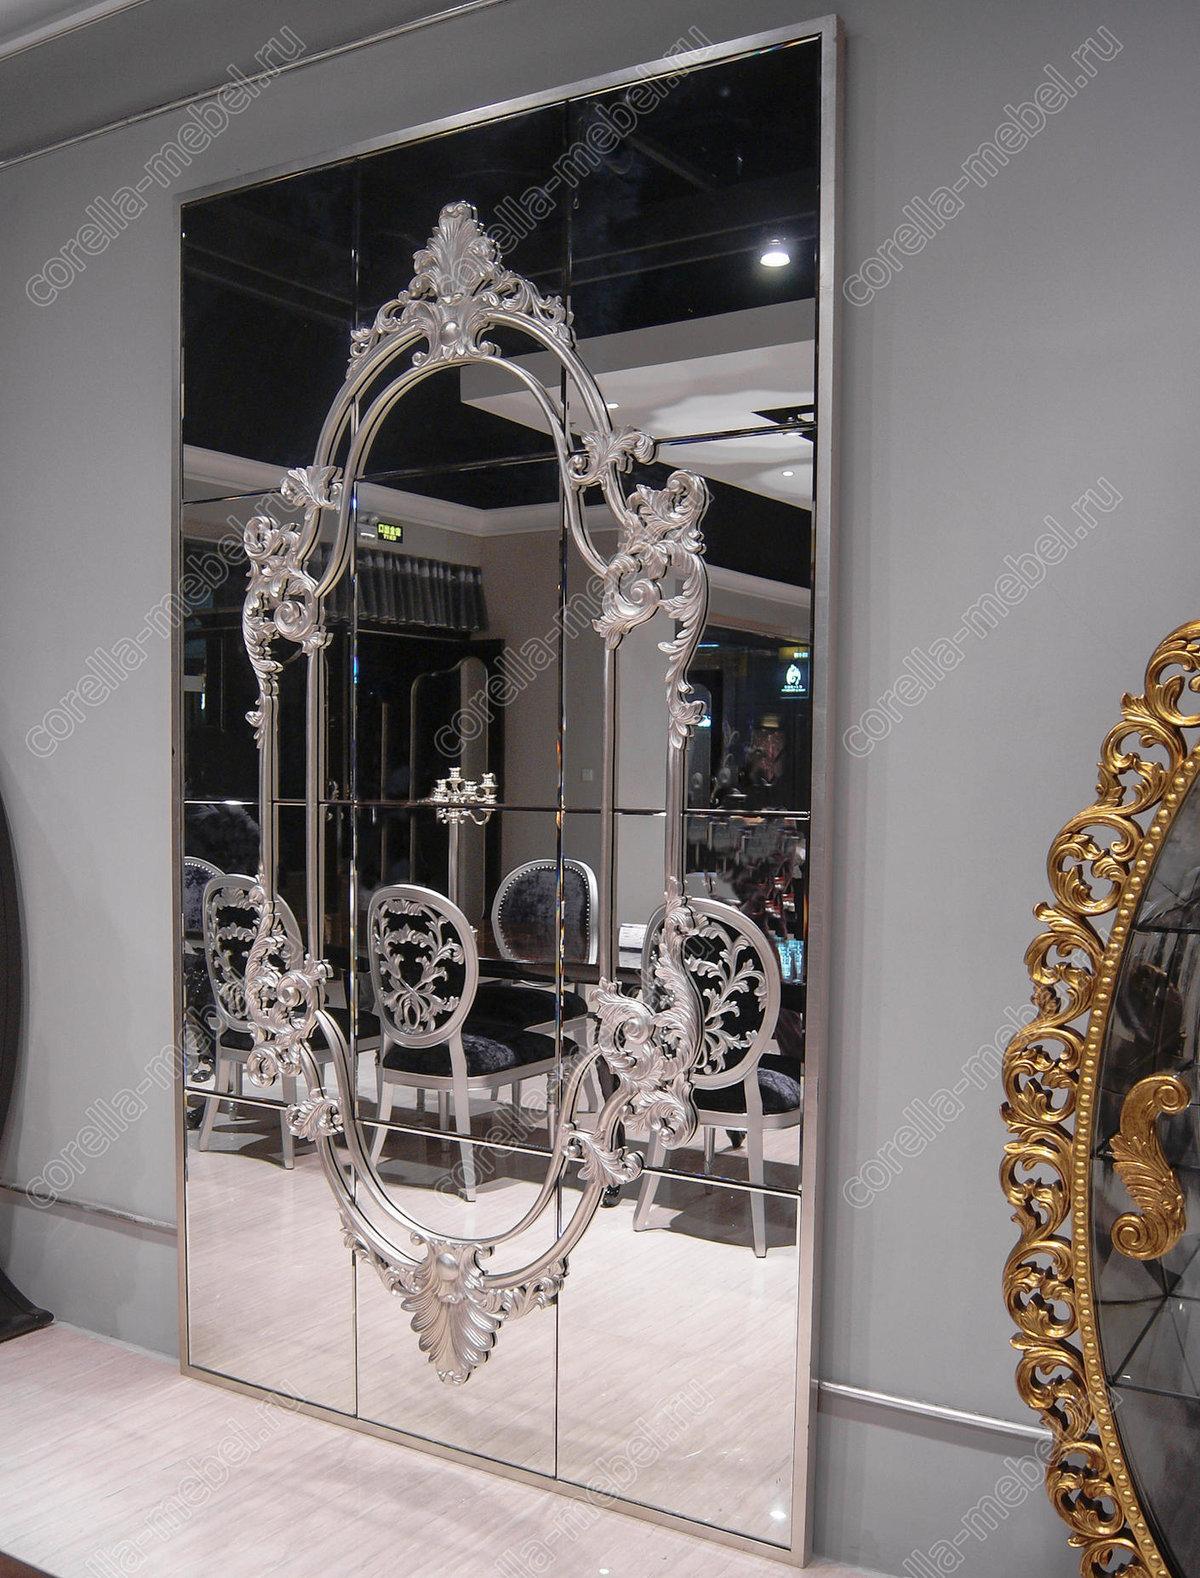 Большое напольное зеркало арт деко в просторную прихожую ....